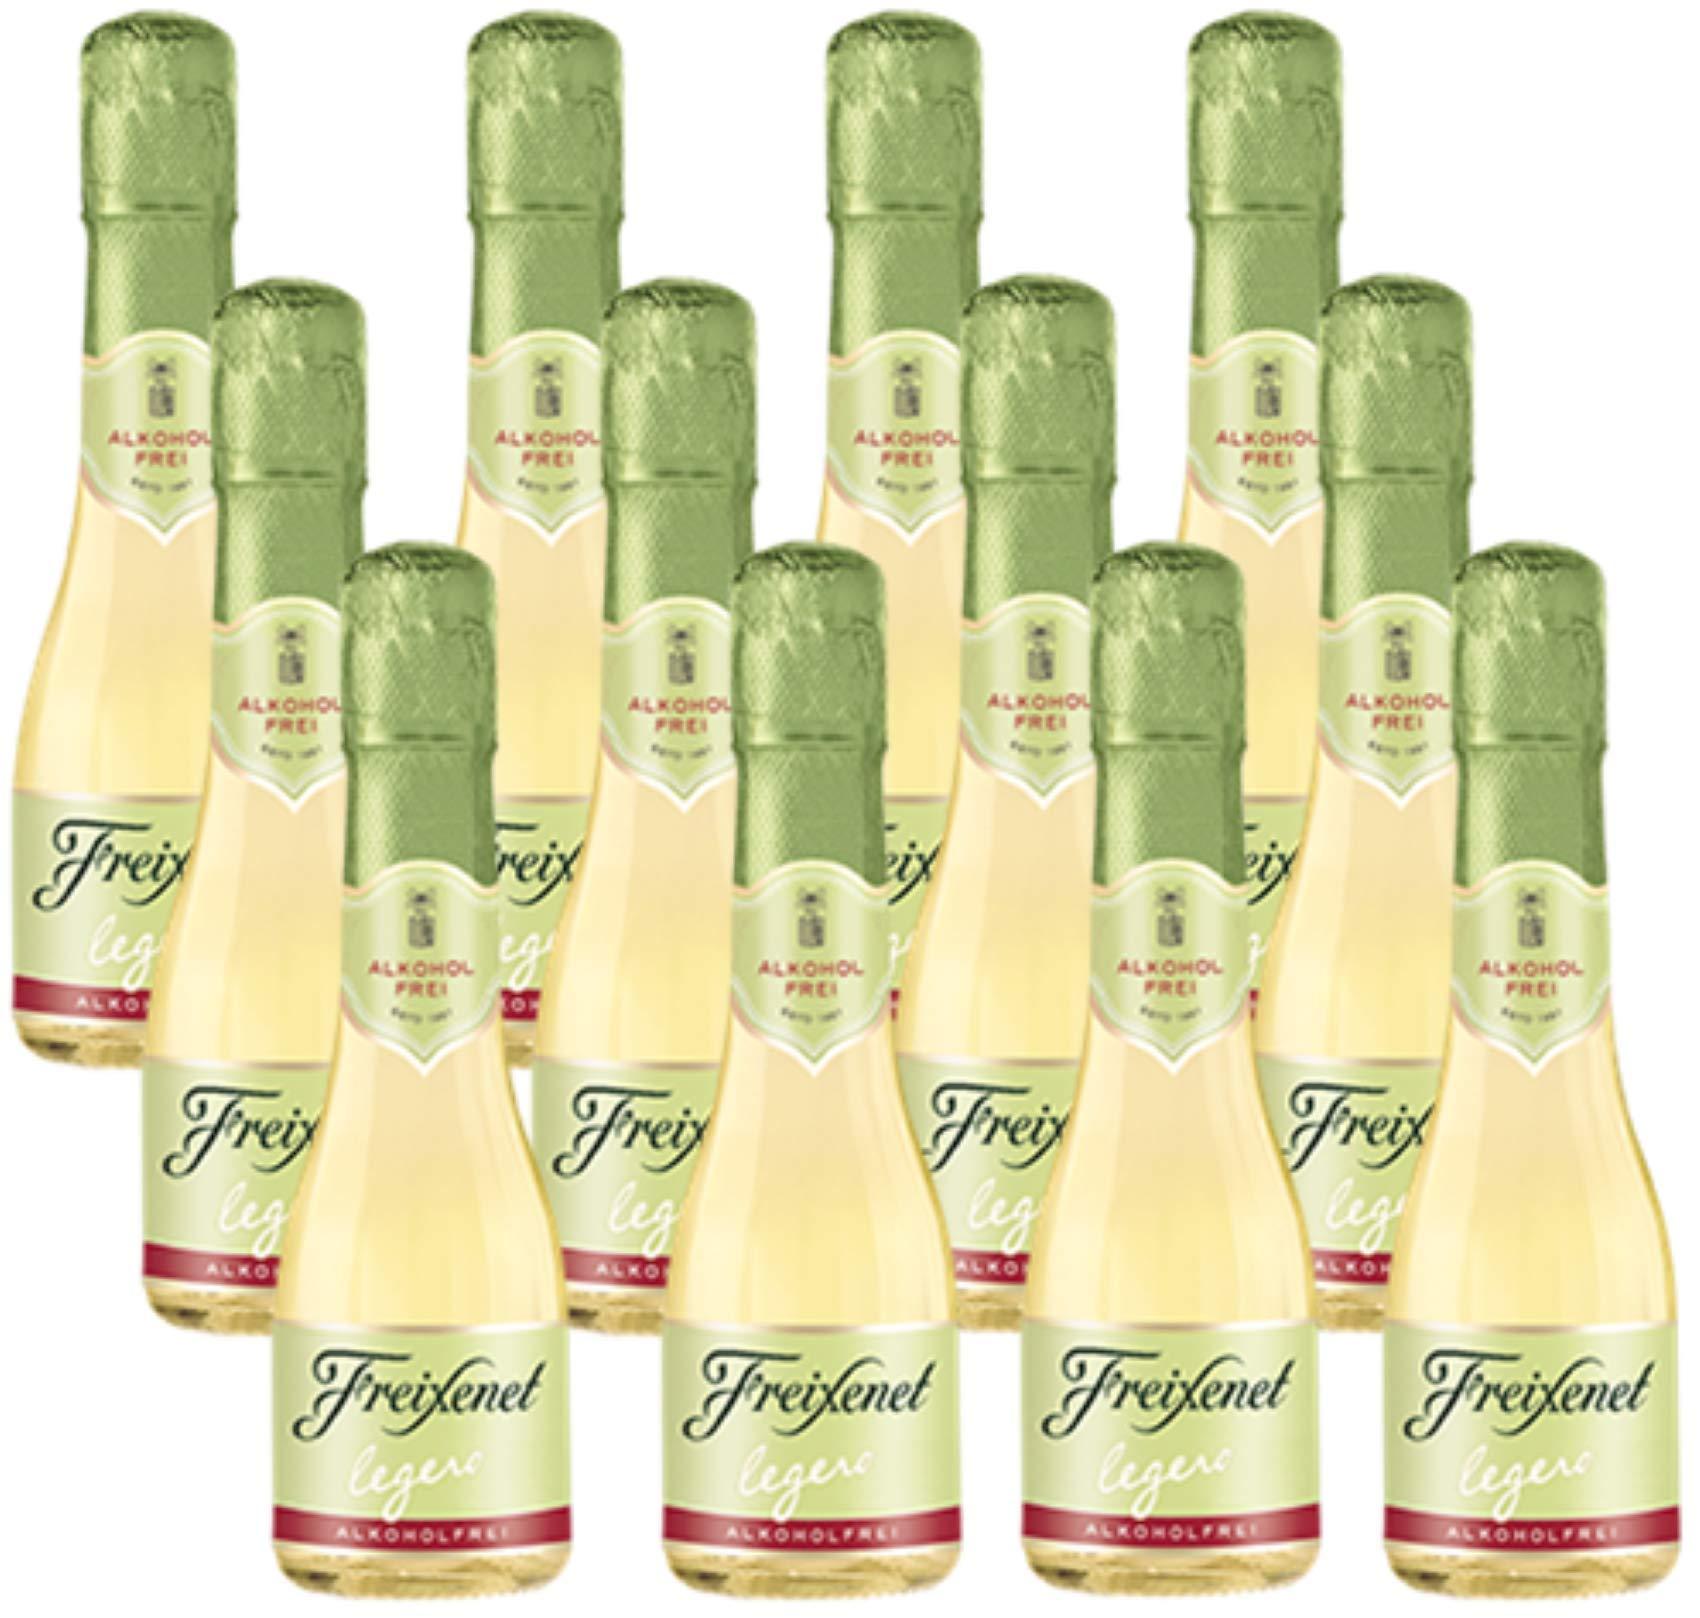 Freixenet-Legero-Alkoholfrei-Sekt